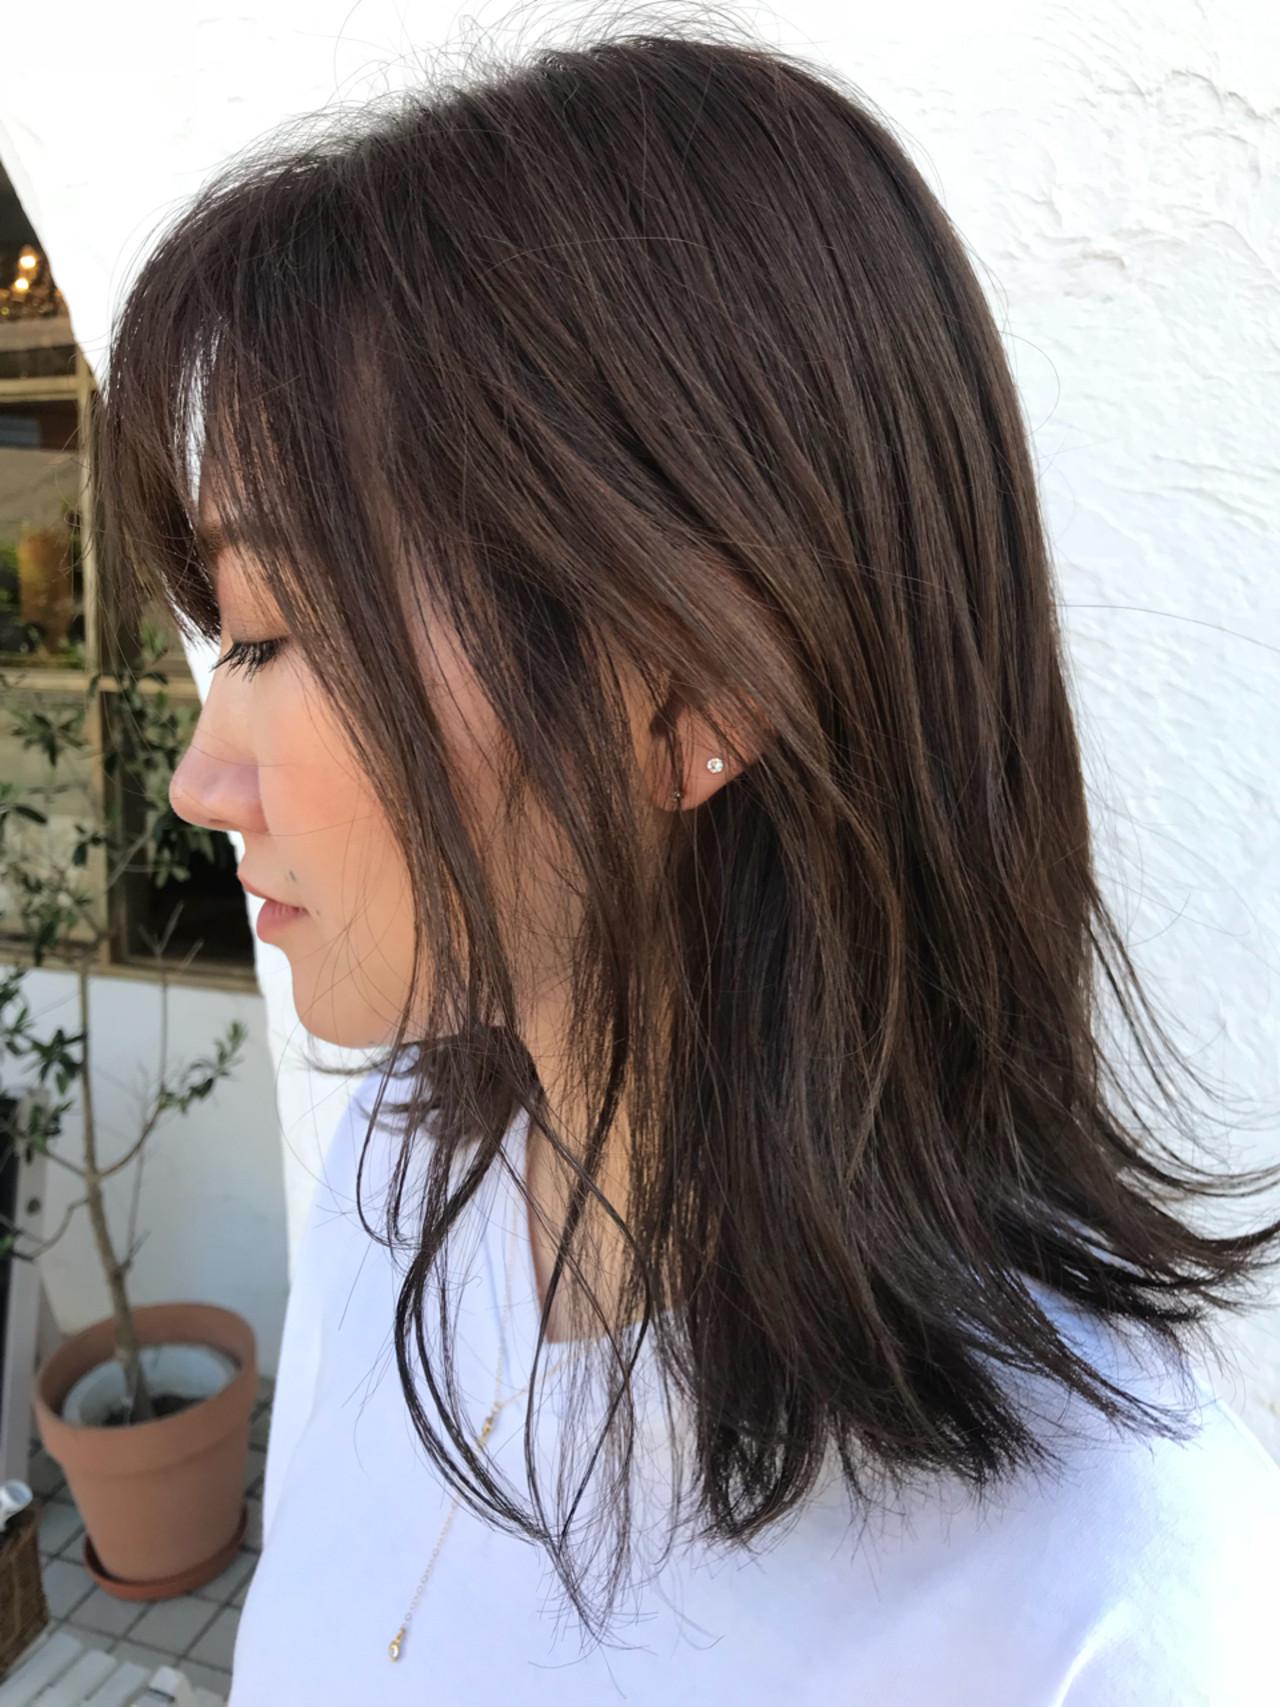 グレージュ 外国人風 ハイライト セミロングヘアスタイルや髪型の写真・画像